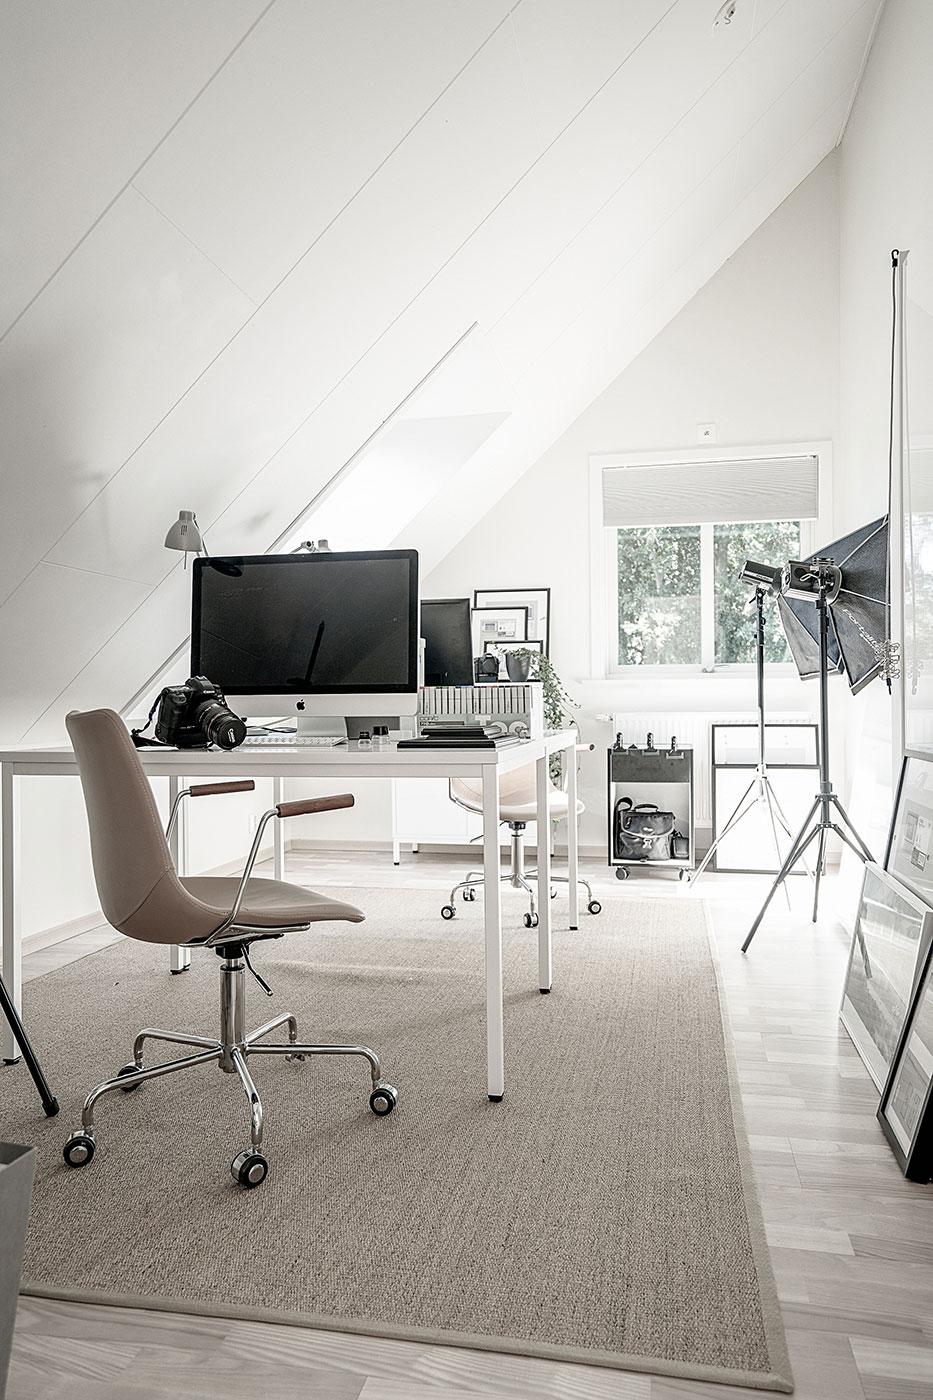 arbetsrum för en fotograf med två arbetsplatser och mac